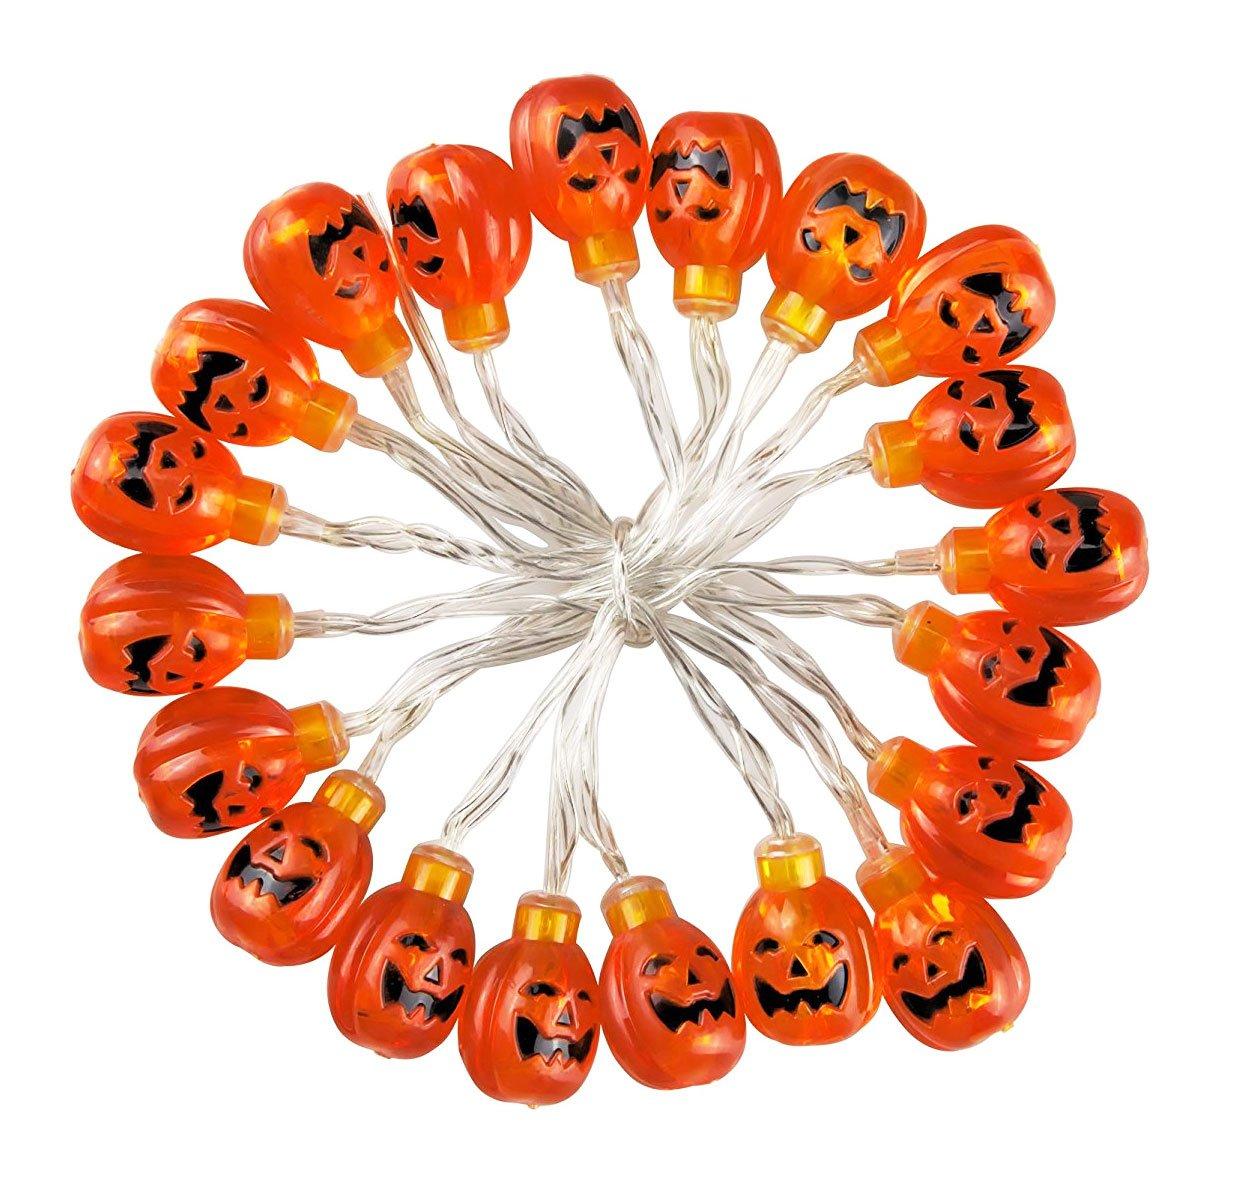 Set of 20 Halloween Pumpkin LED String Lights - Battery Powered